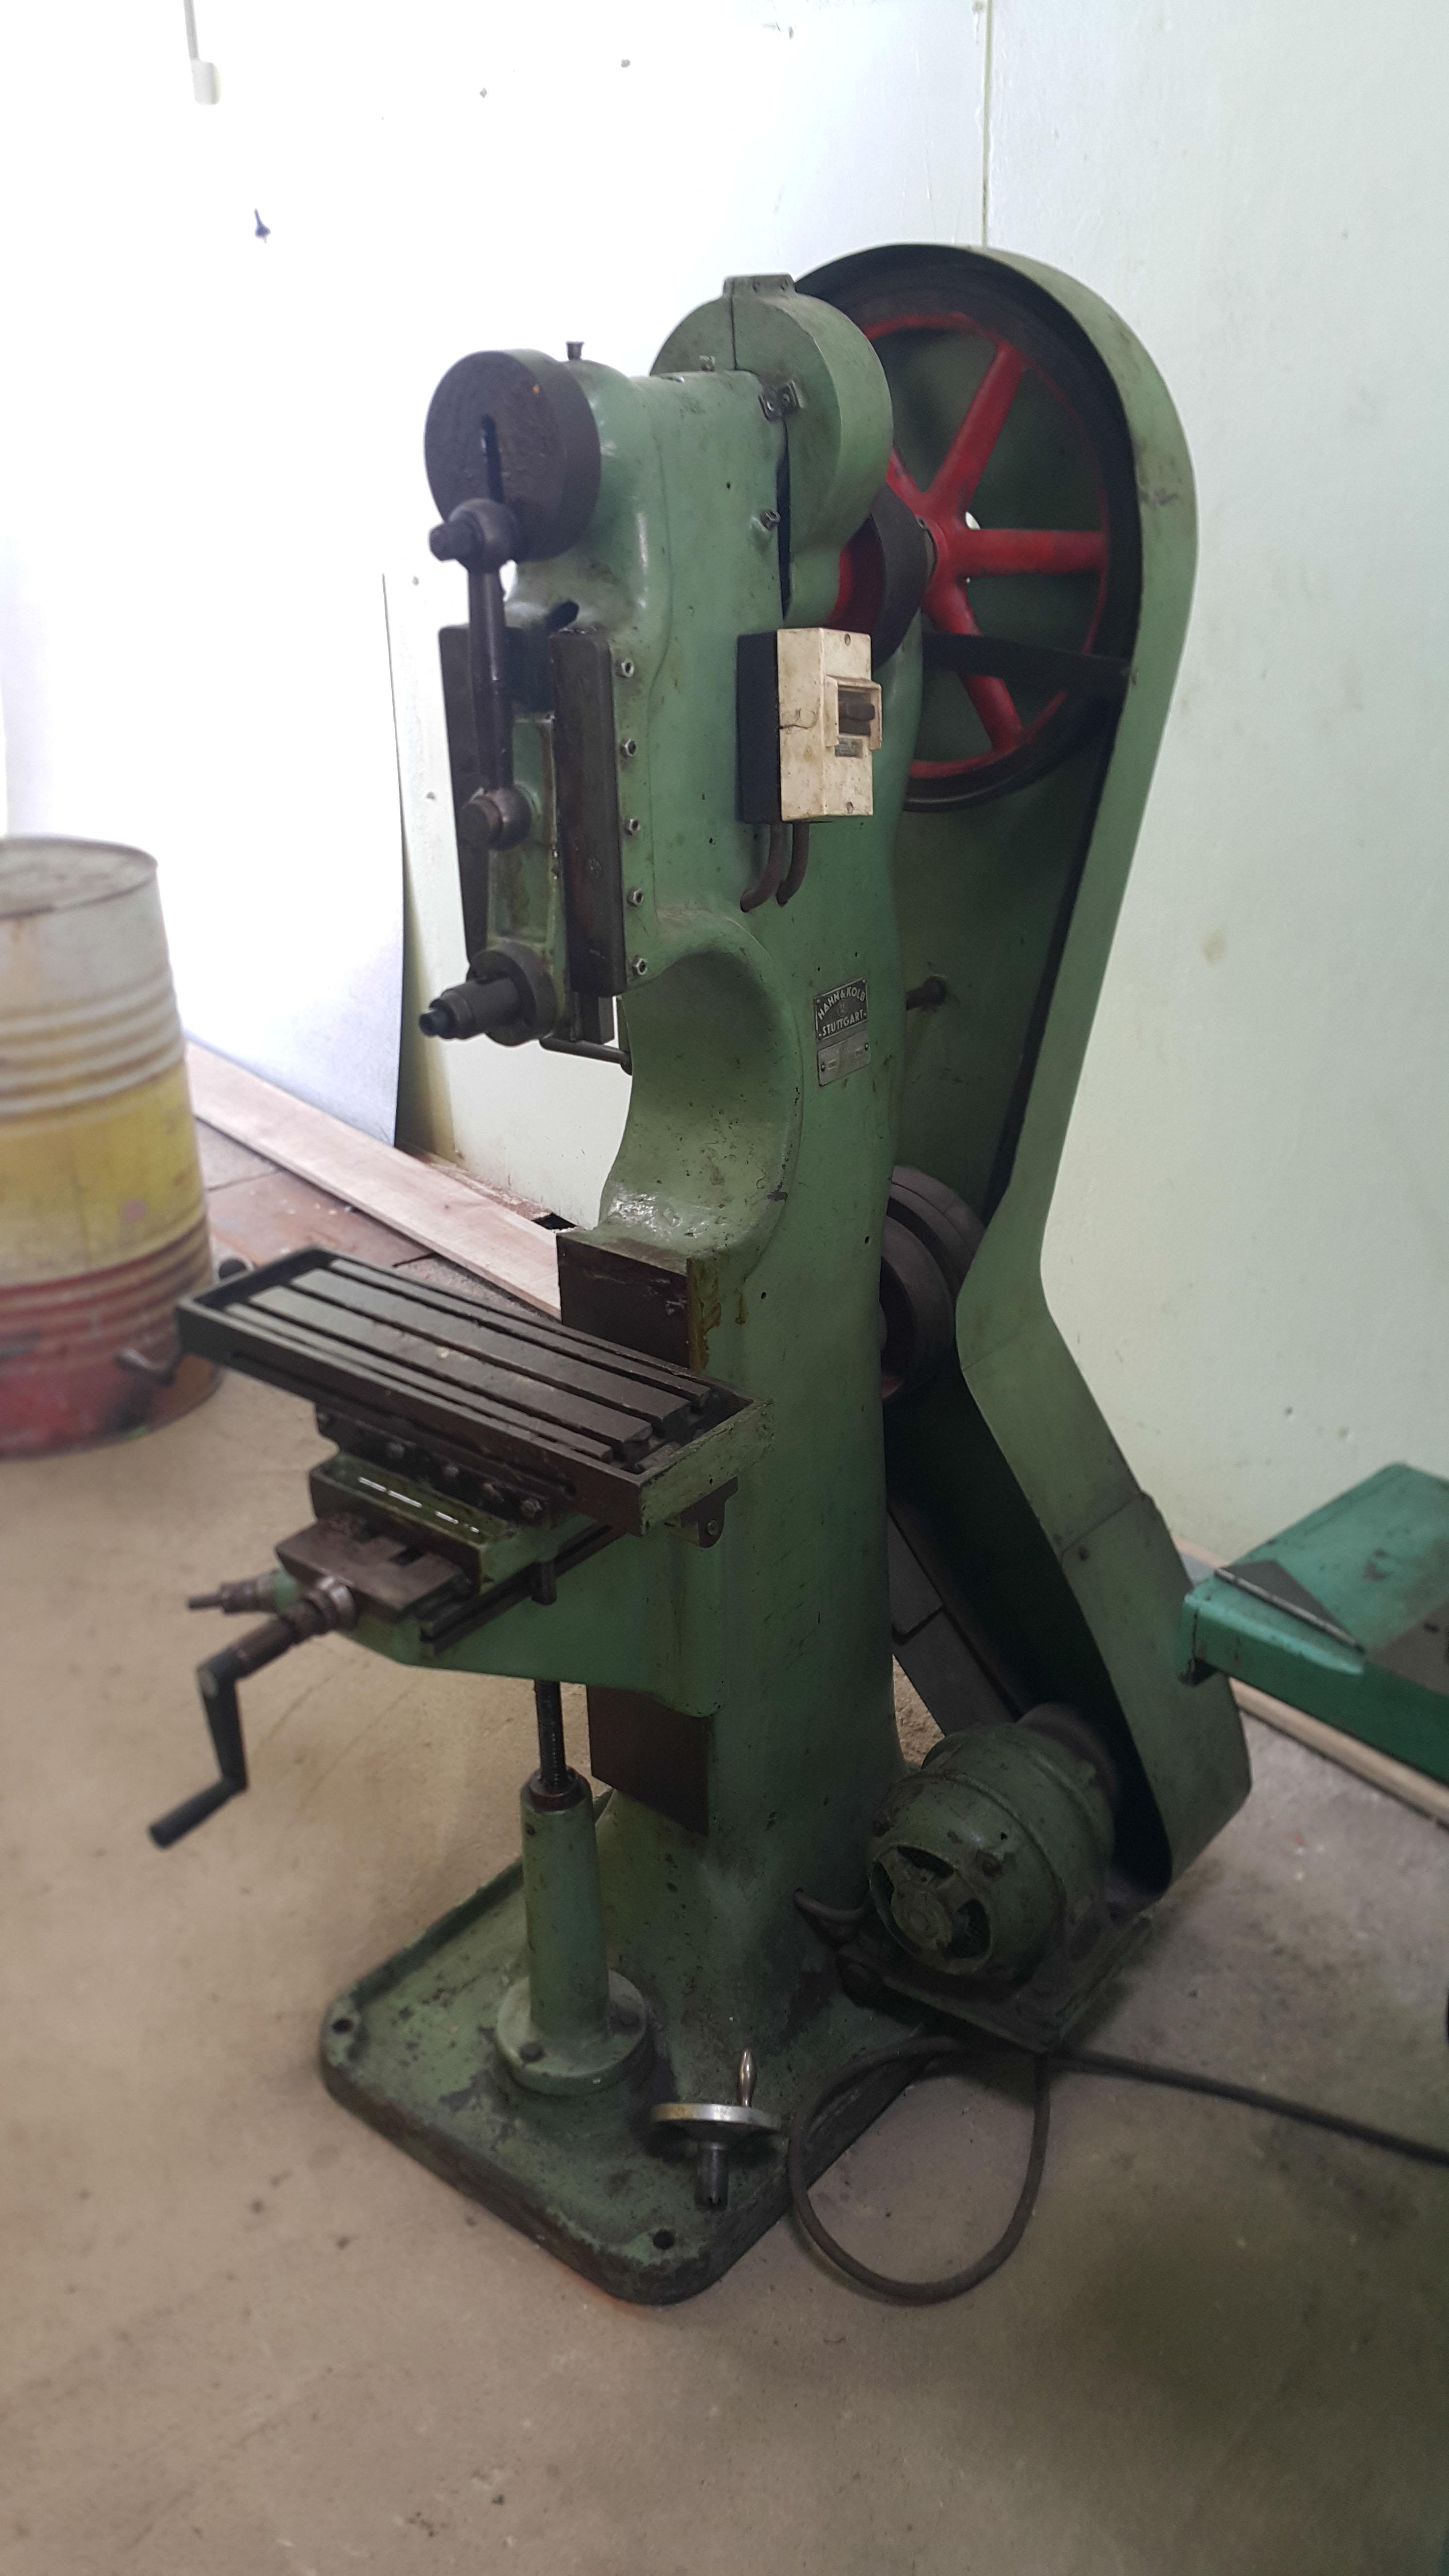 04 Slotting machine